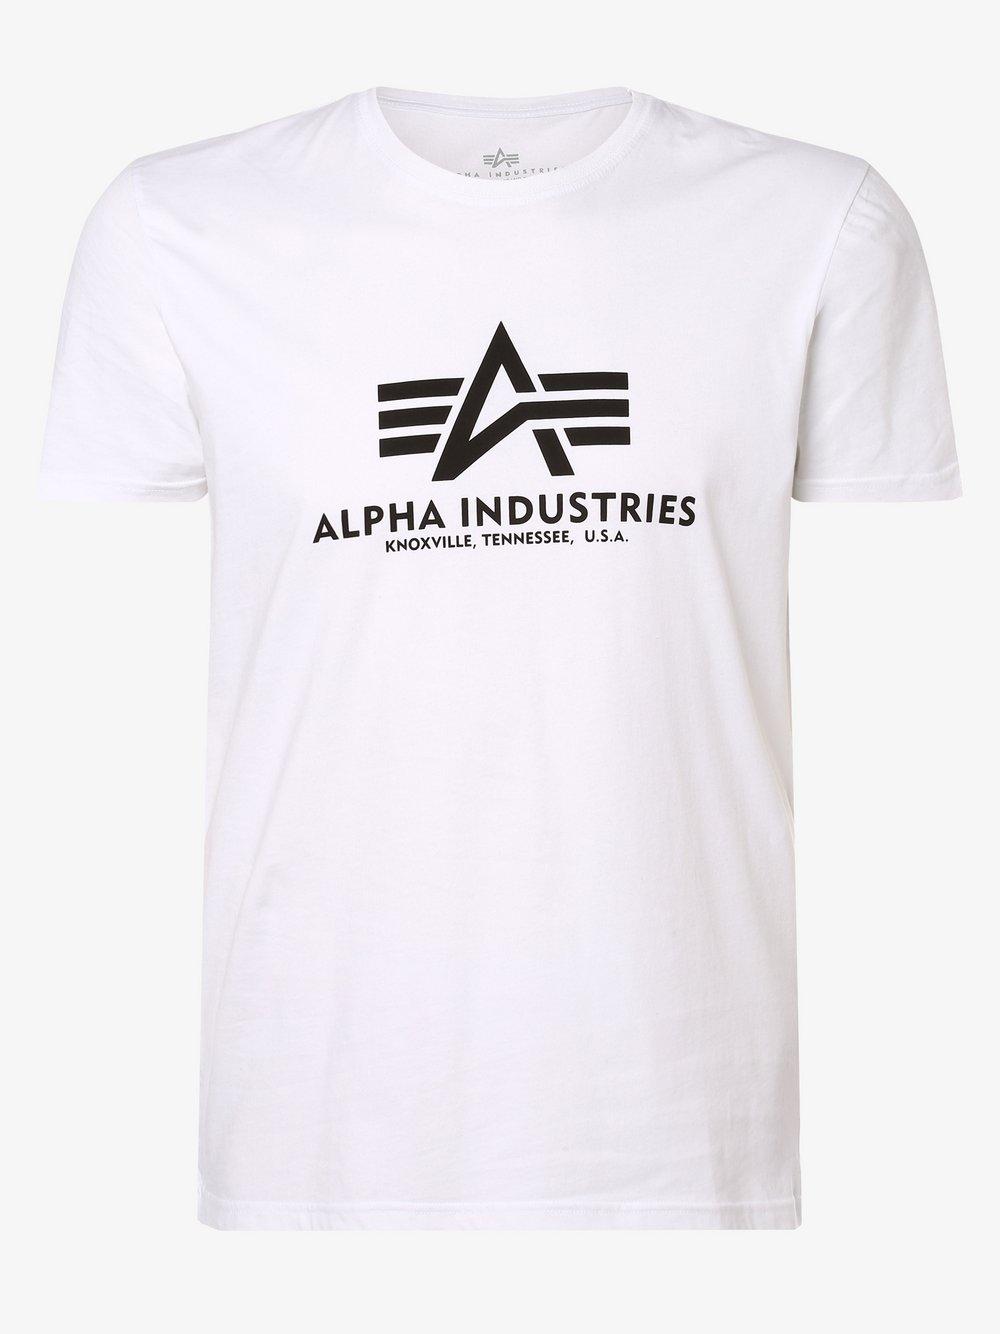 Alpha Industries - T-shirt męski, biały